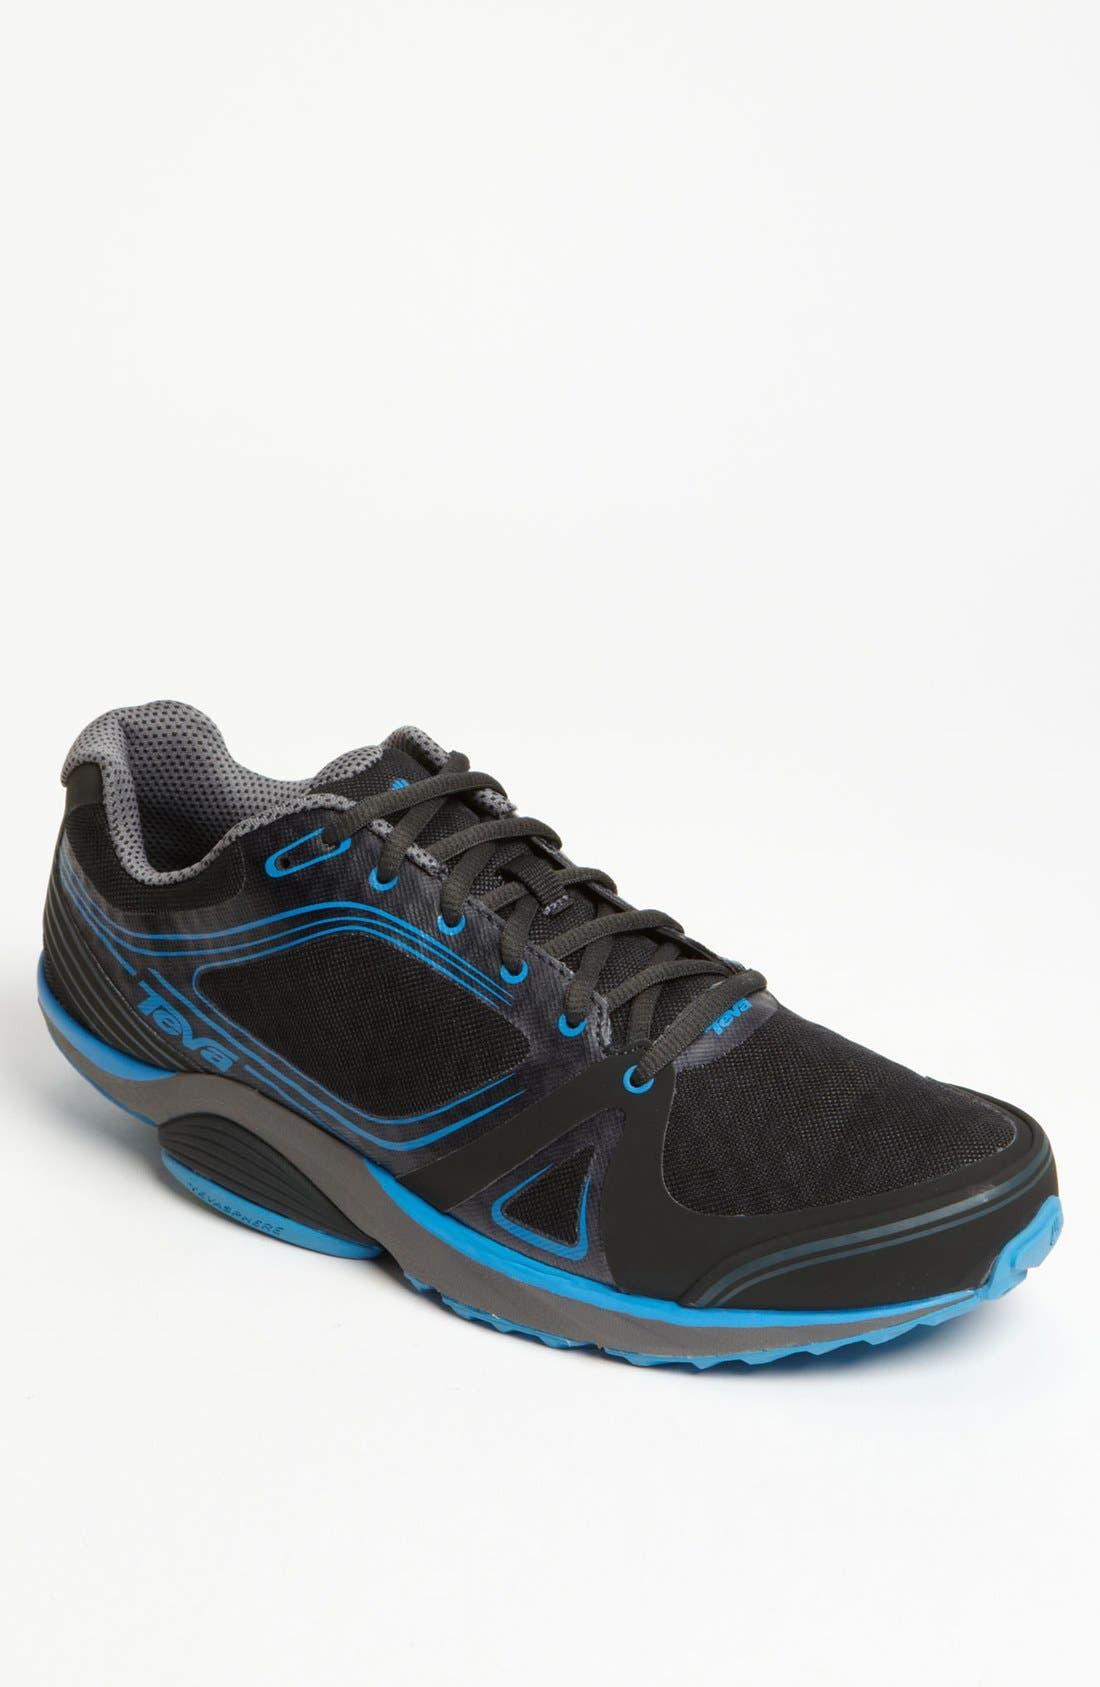 Main Image - Teva 'TevaSphere Speed' Trail Running Shoe (Men)